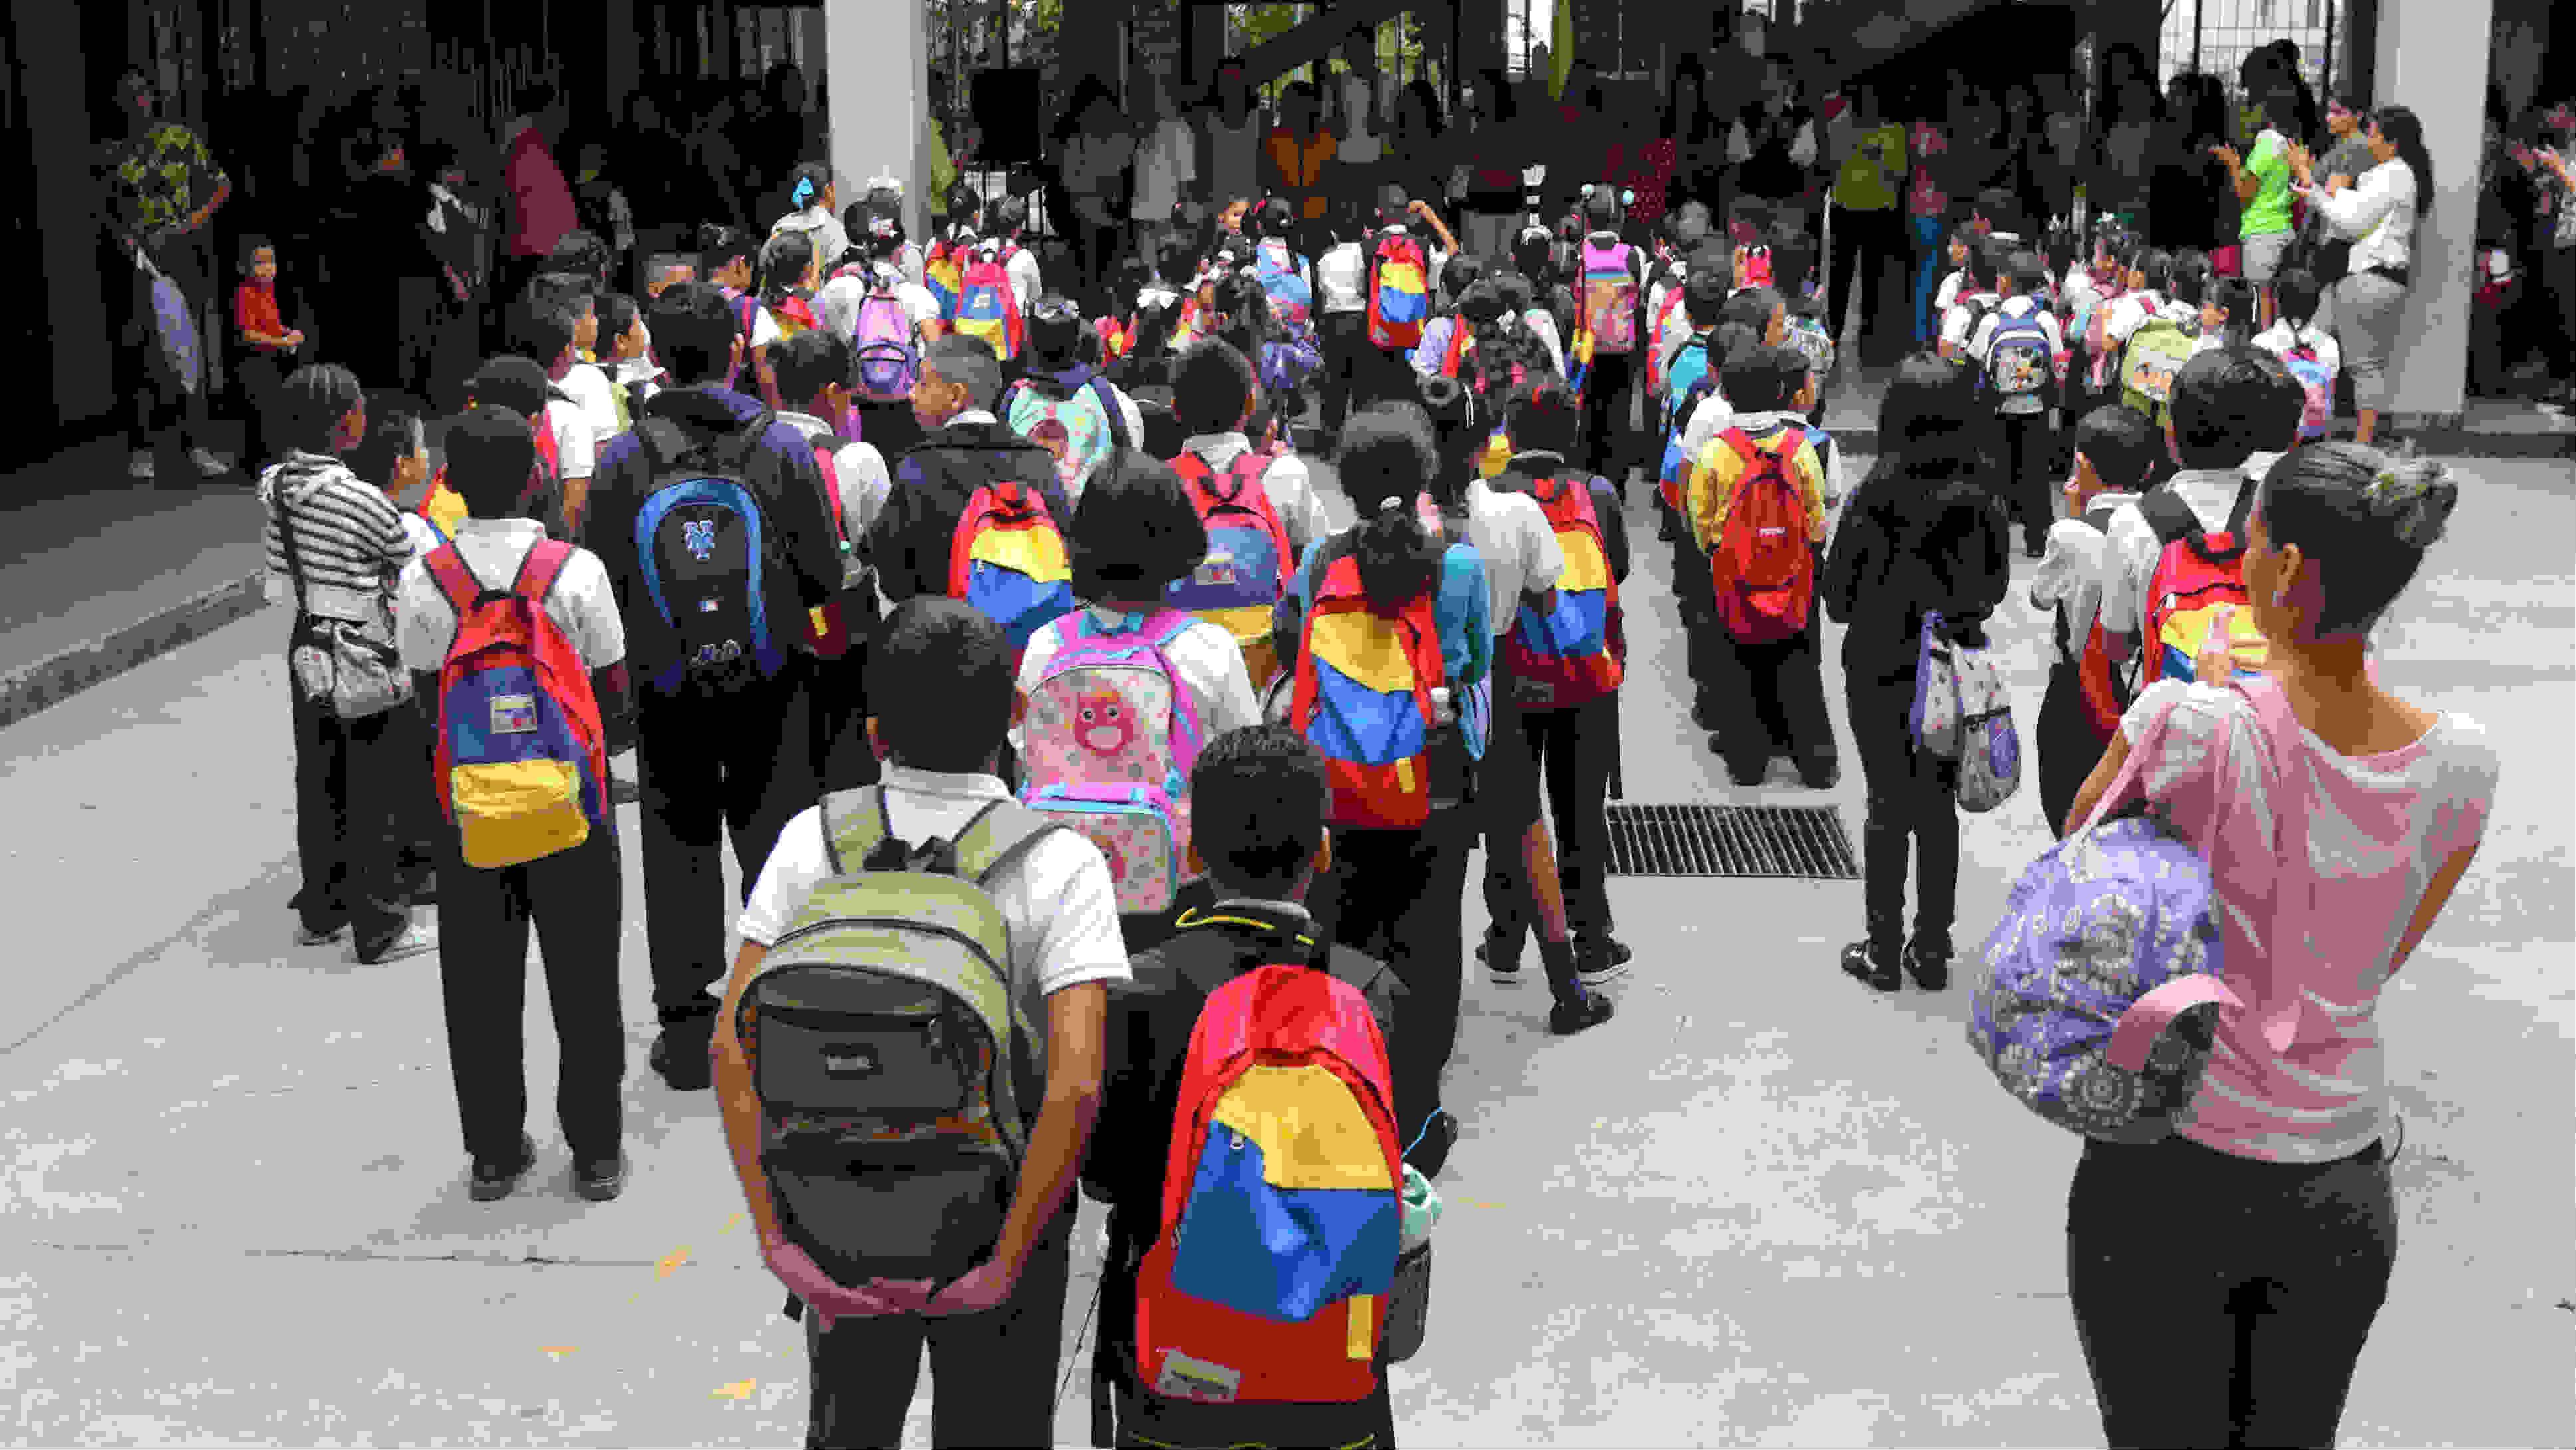 El bulto escolar no debe exceder el 15% del peso corporal del niño